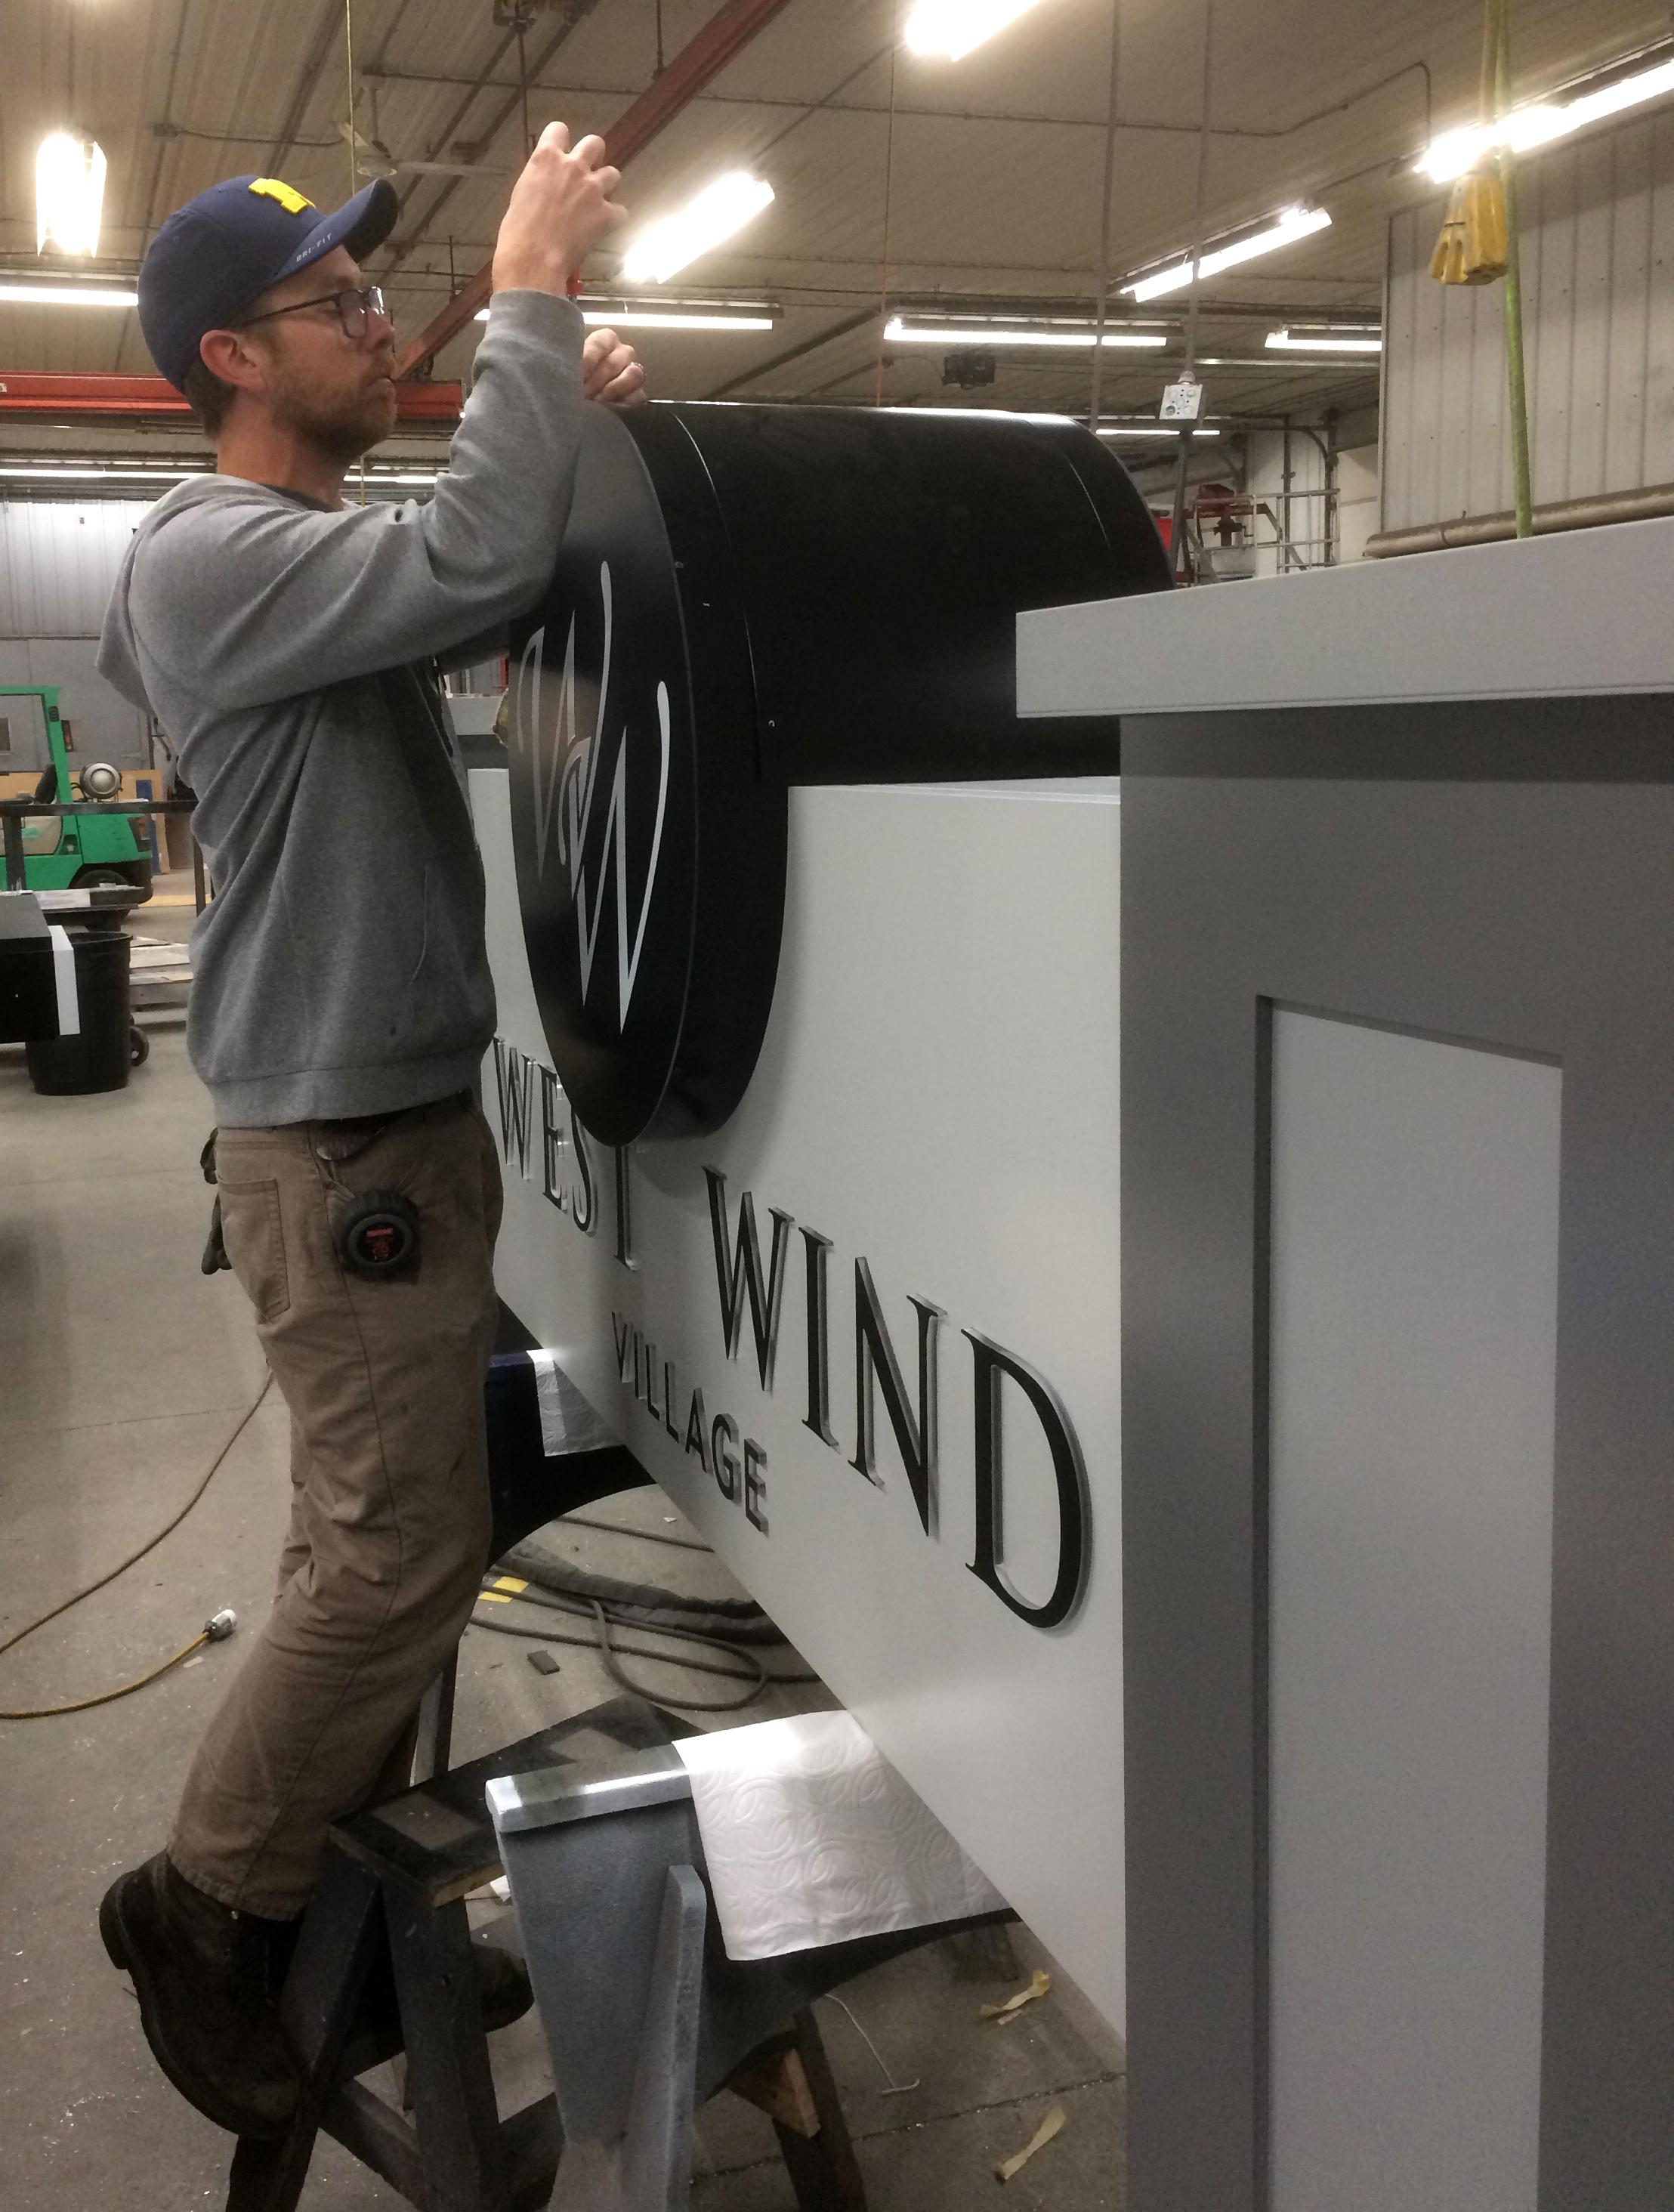 Ross - Westwind.JPG